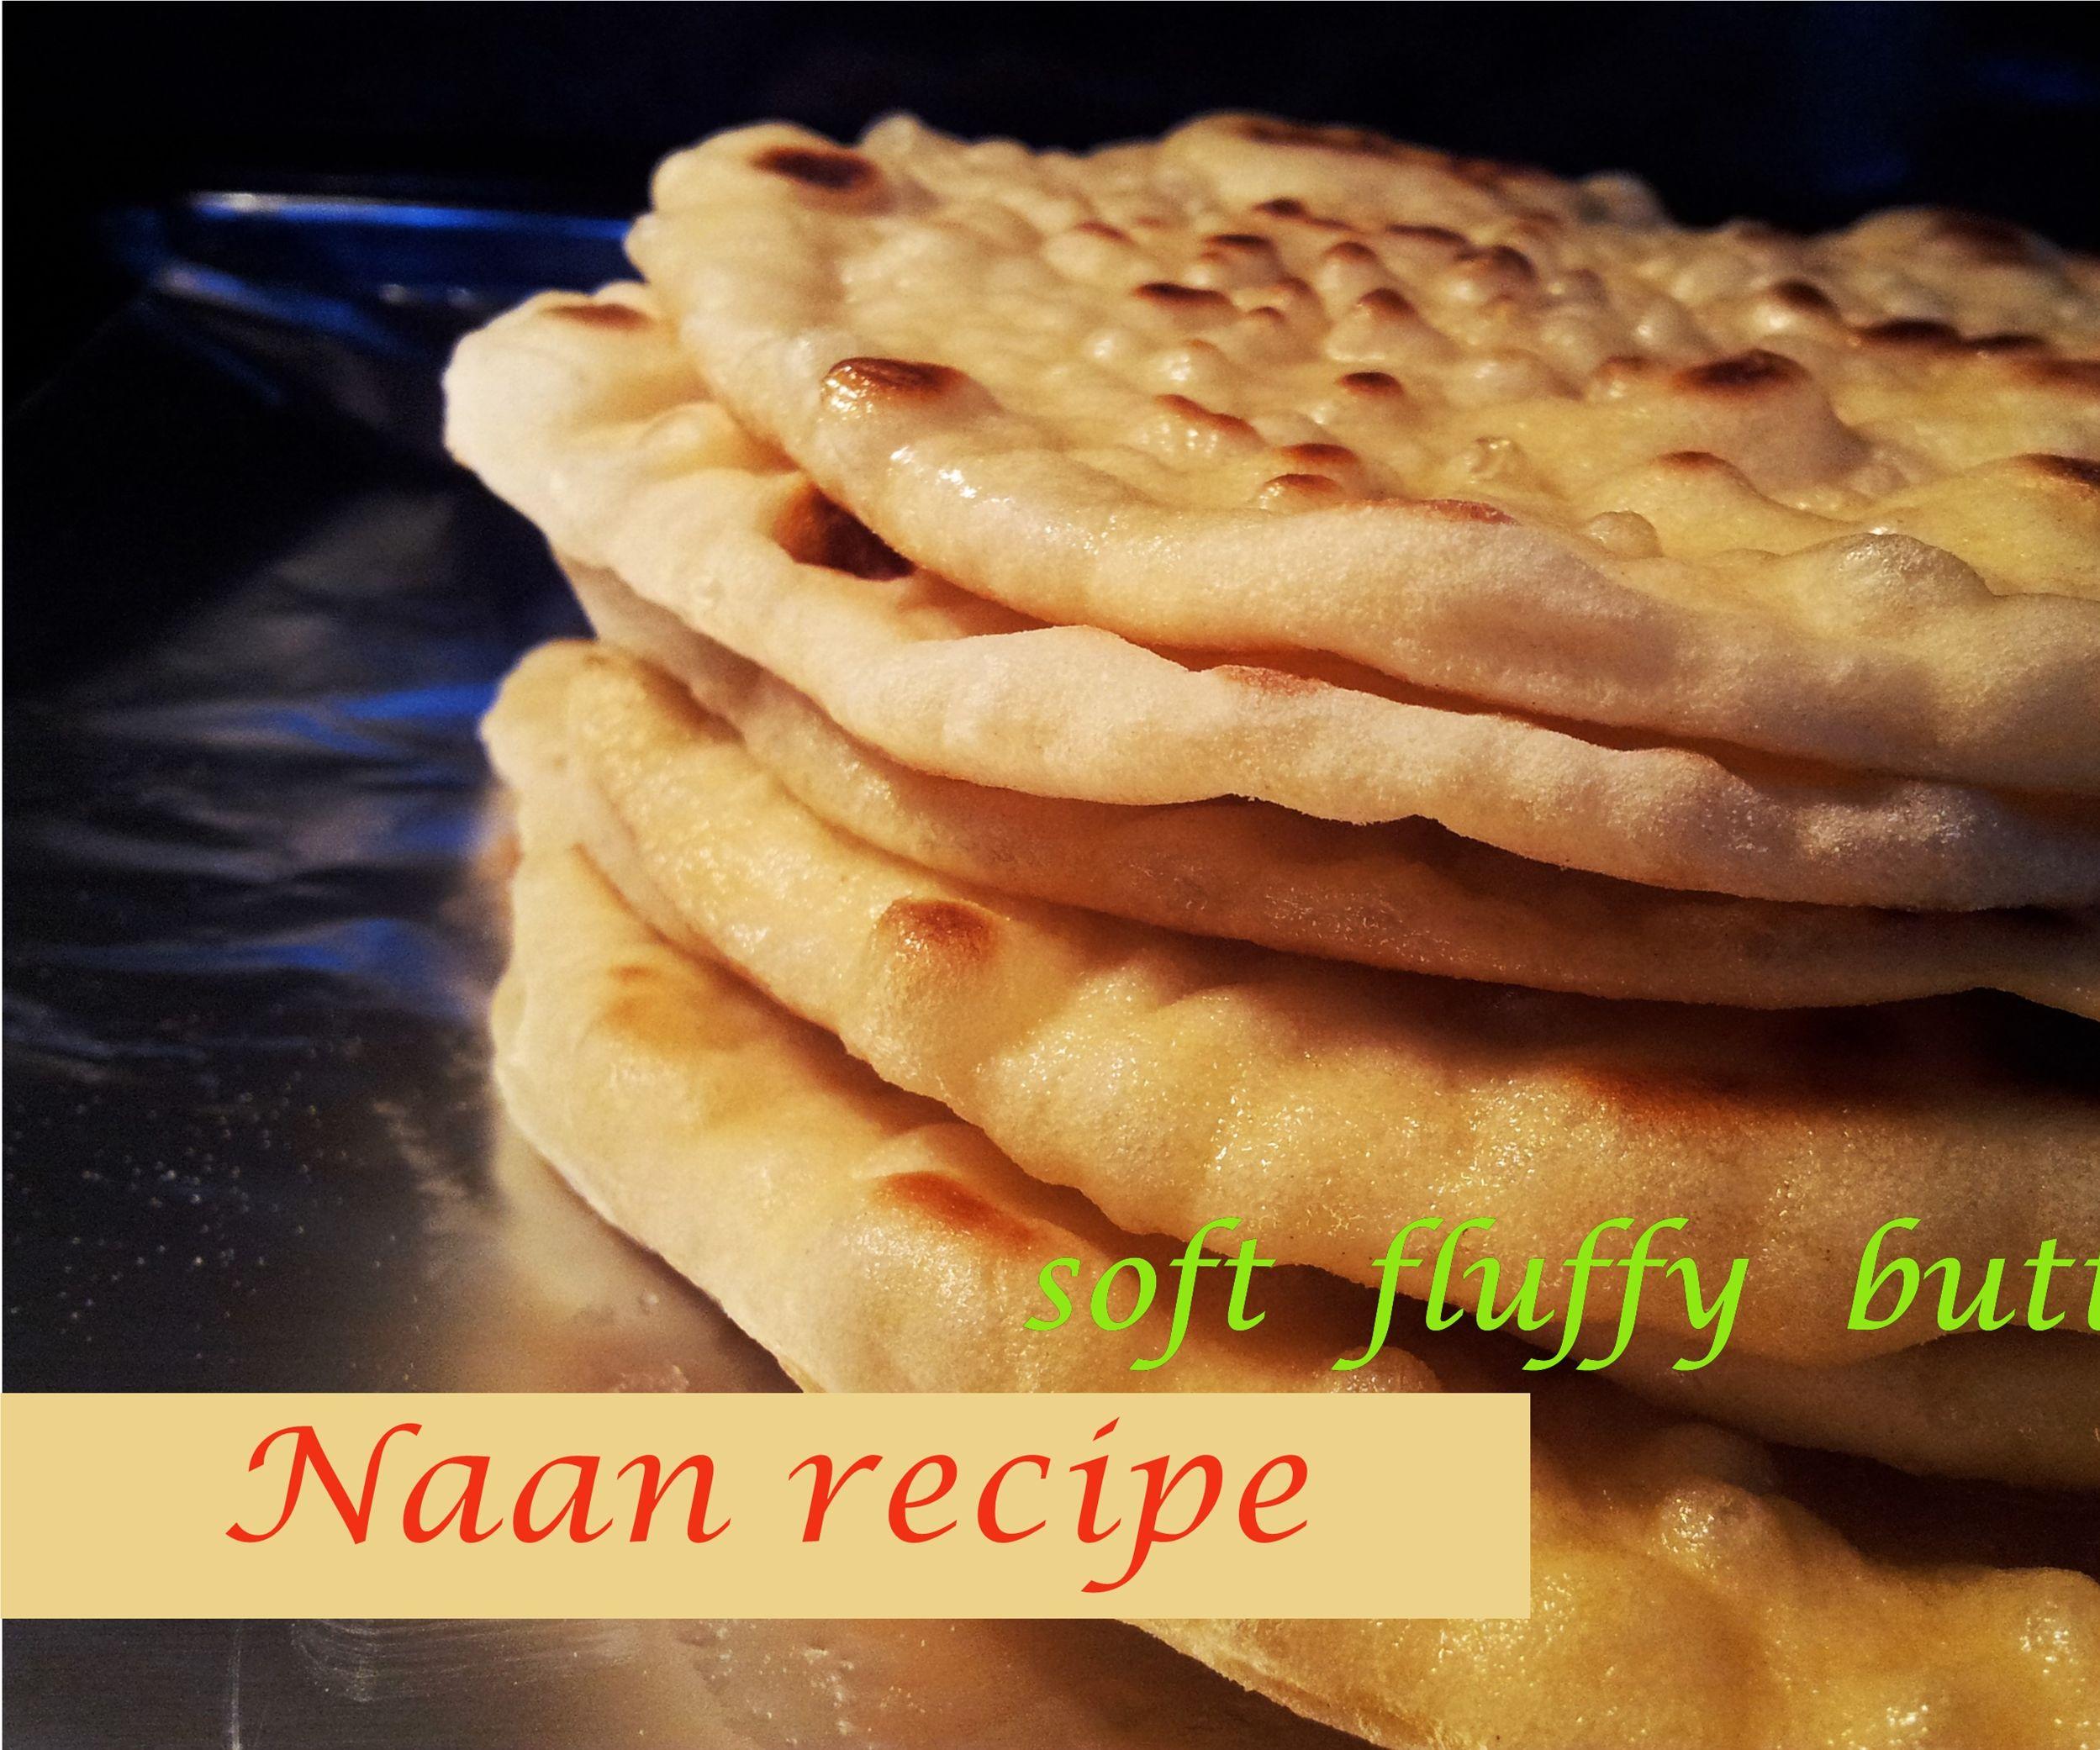 Naan Recipe - Soft Fluffy Buttery Homemade Naan